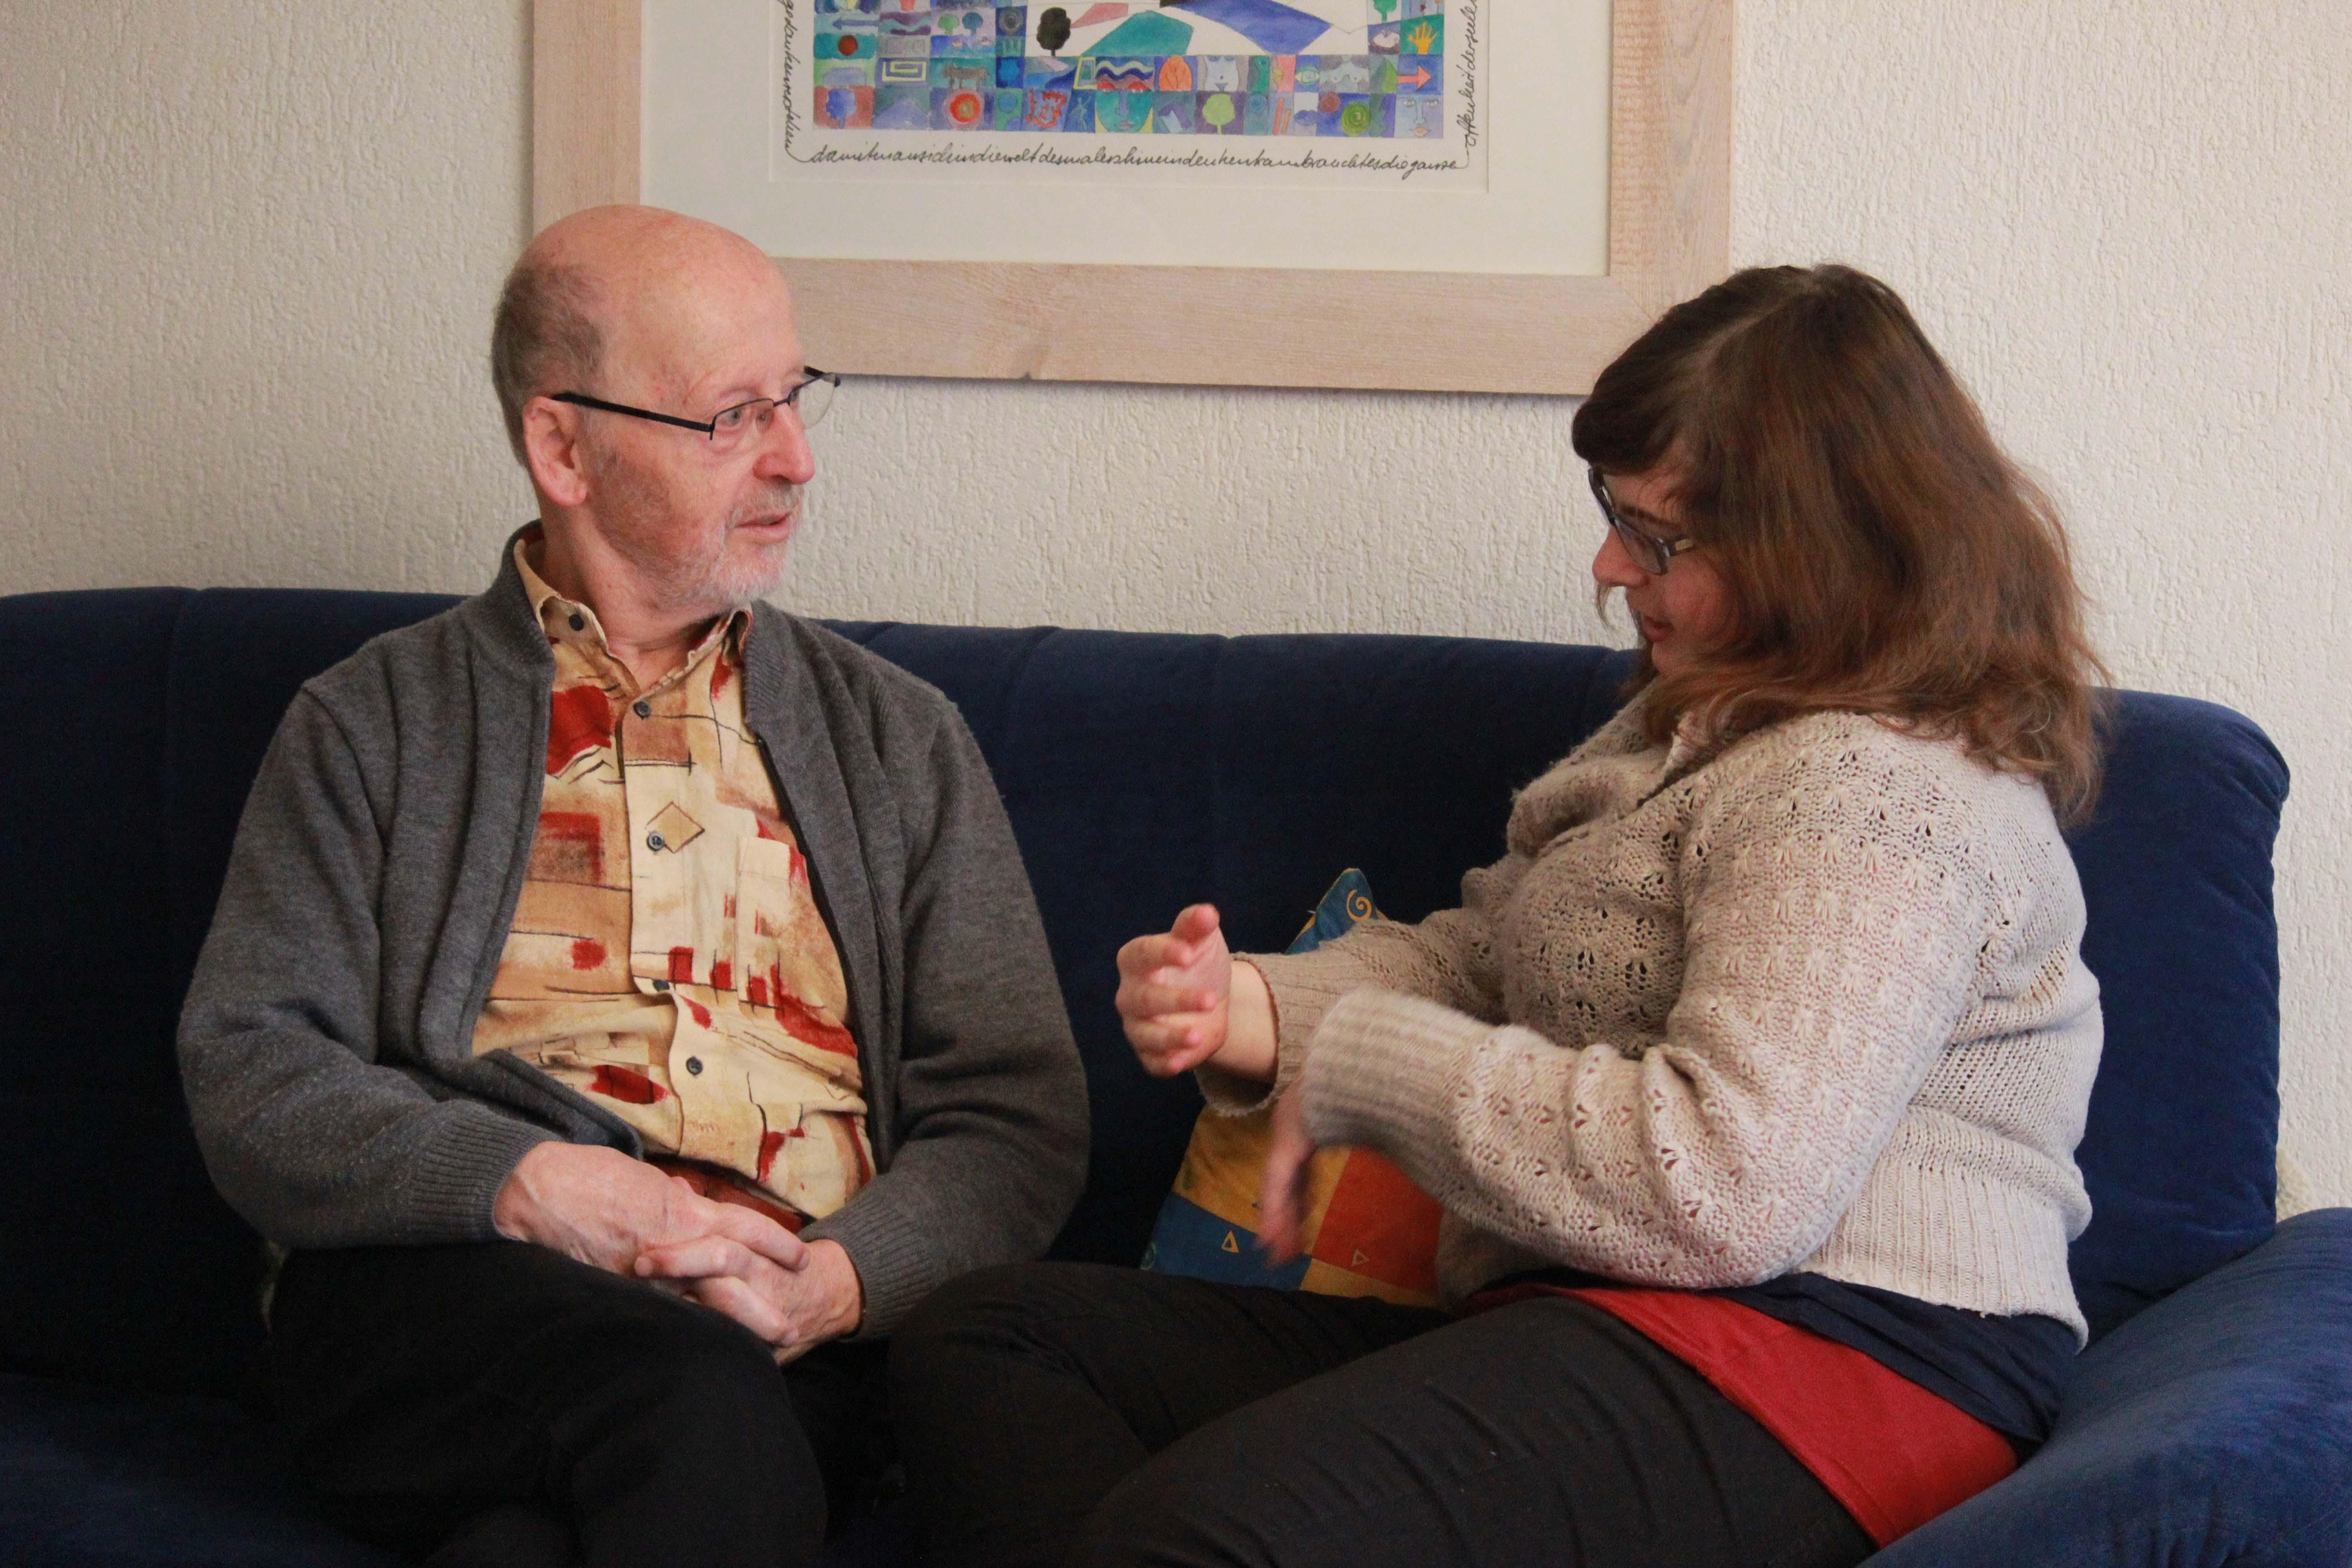 Werner Kaiser und Miriam Lenoir – ein Generationentandem im Gespräch. – Bild: Marielle Schlunegger